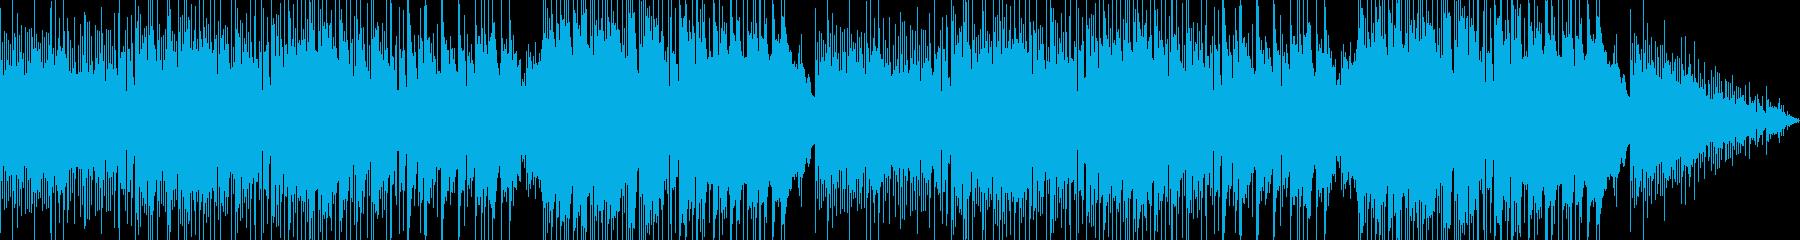 静かで温かみのあるソロギターサウンドの再生済みの波形